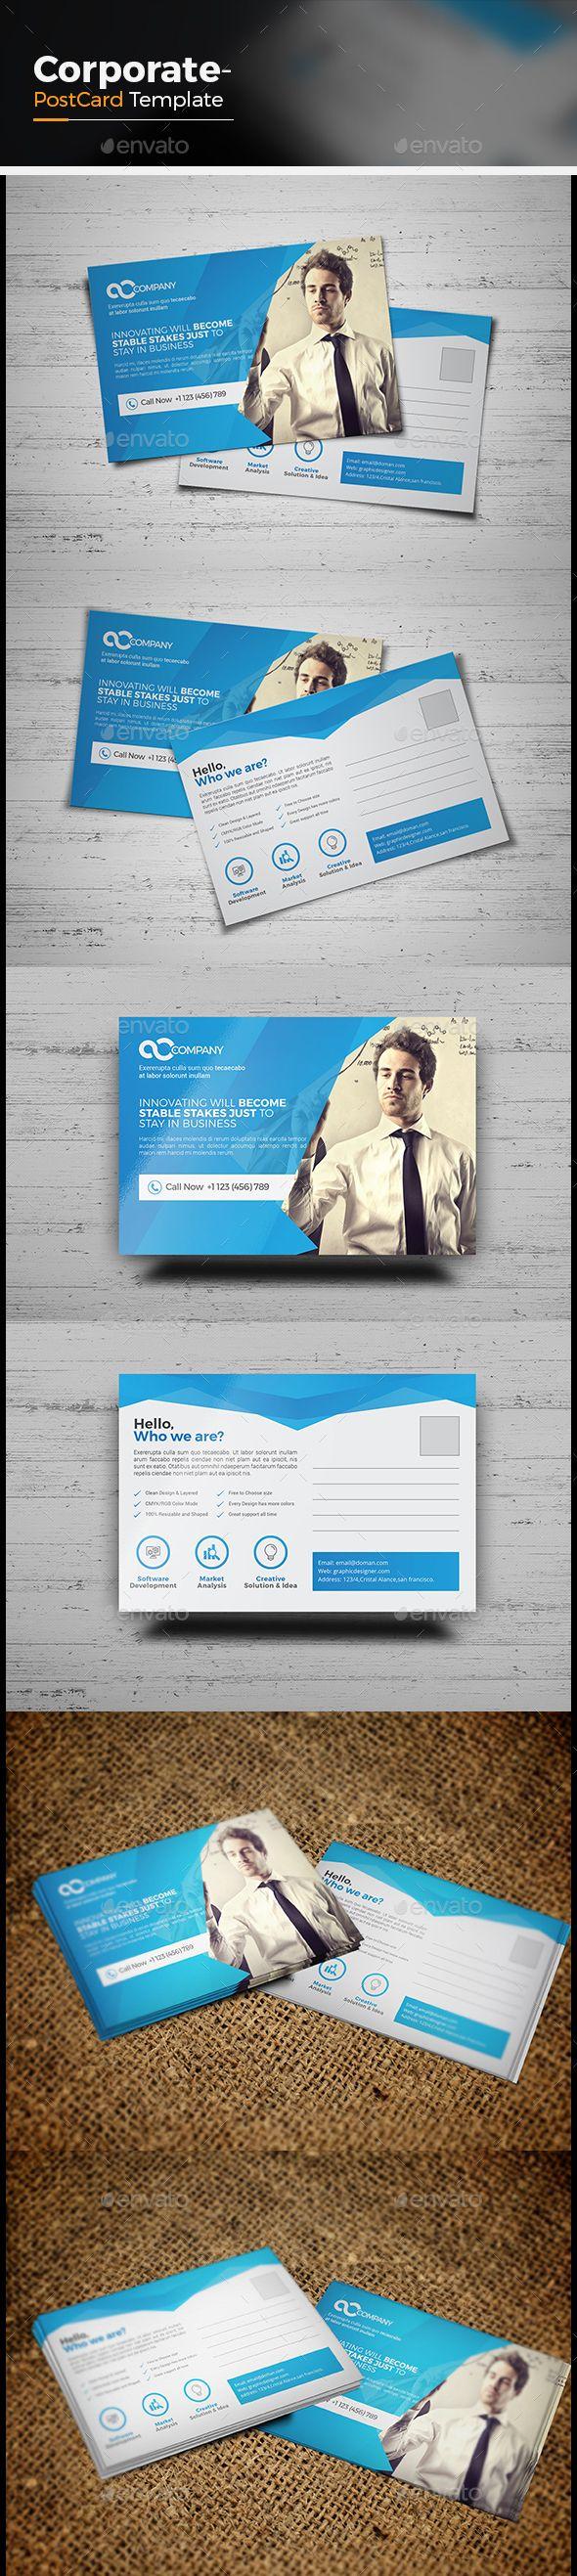 Corporate Postcard Template 132 best Corporate Postcard